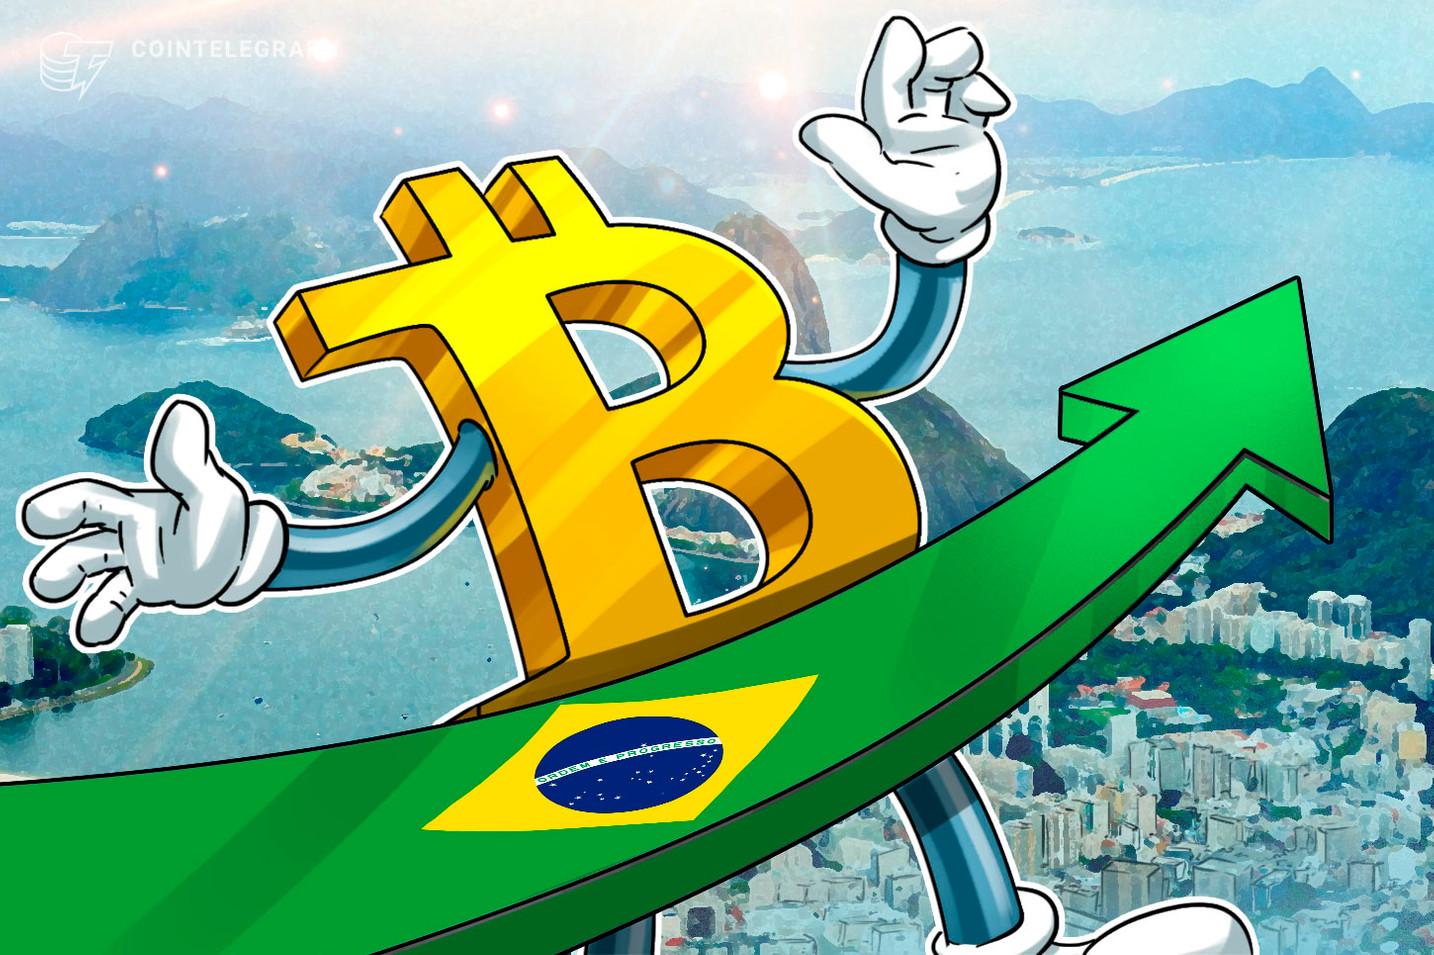 Diretora de Redação da Época Negócios rende-se ao Bitcoin: 'Não dá mais pra ignorar esse mercado'